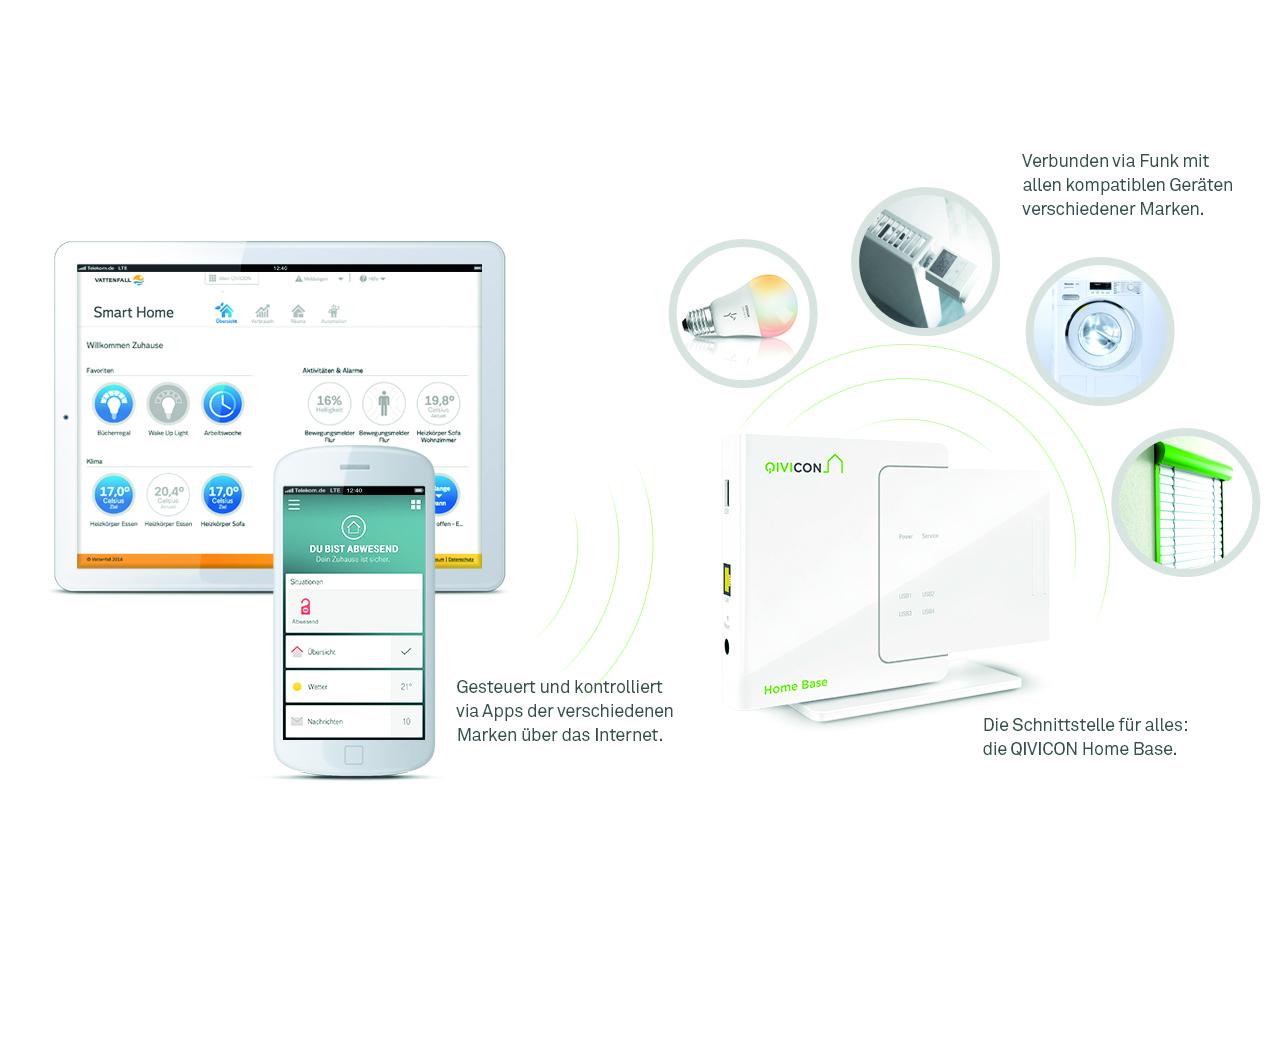 Amazons Sprachsteuerung Alexa Fur Die Smart Home Plattform Der